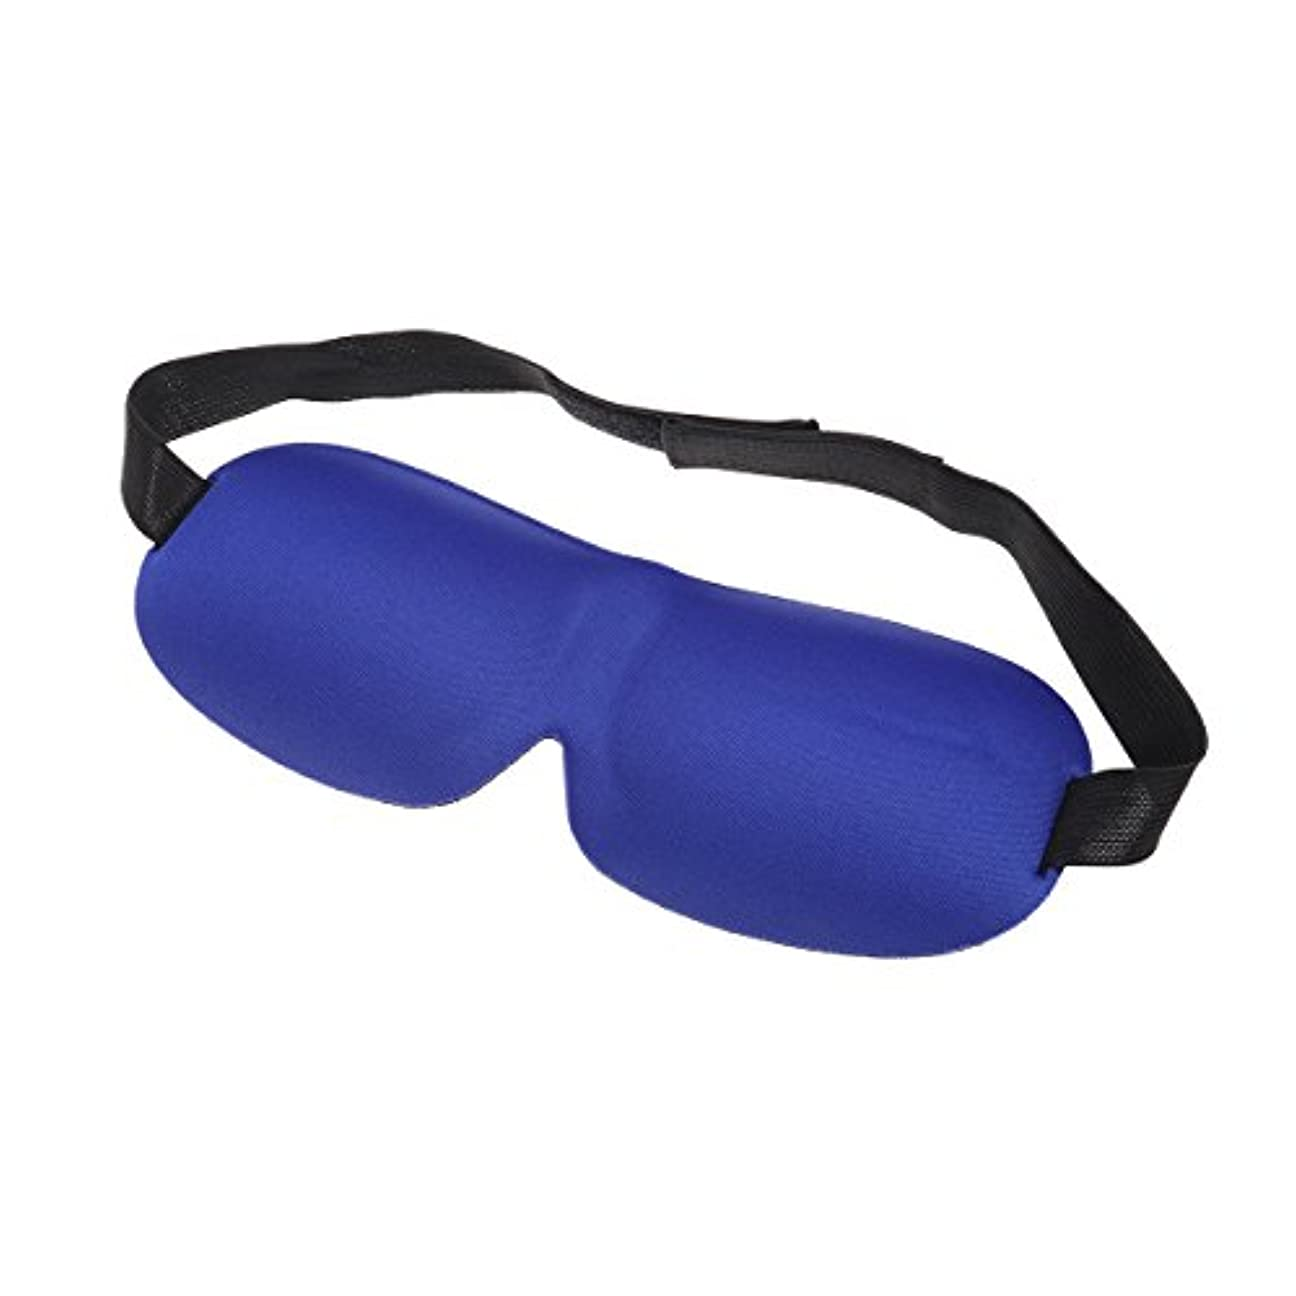 助言流産毎日ROSENICE アイマスク 遮光 睡眠 軽量 目隠し 圧迫感なし 調節可能 3D睡眠マスク(ブルー)